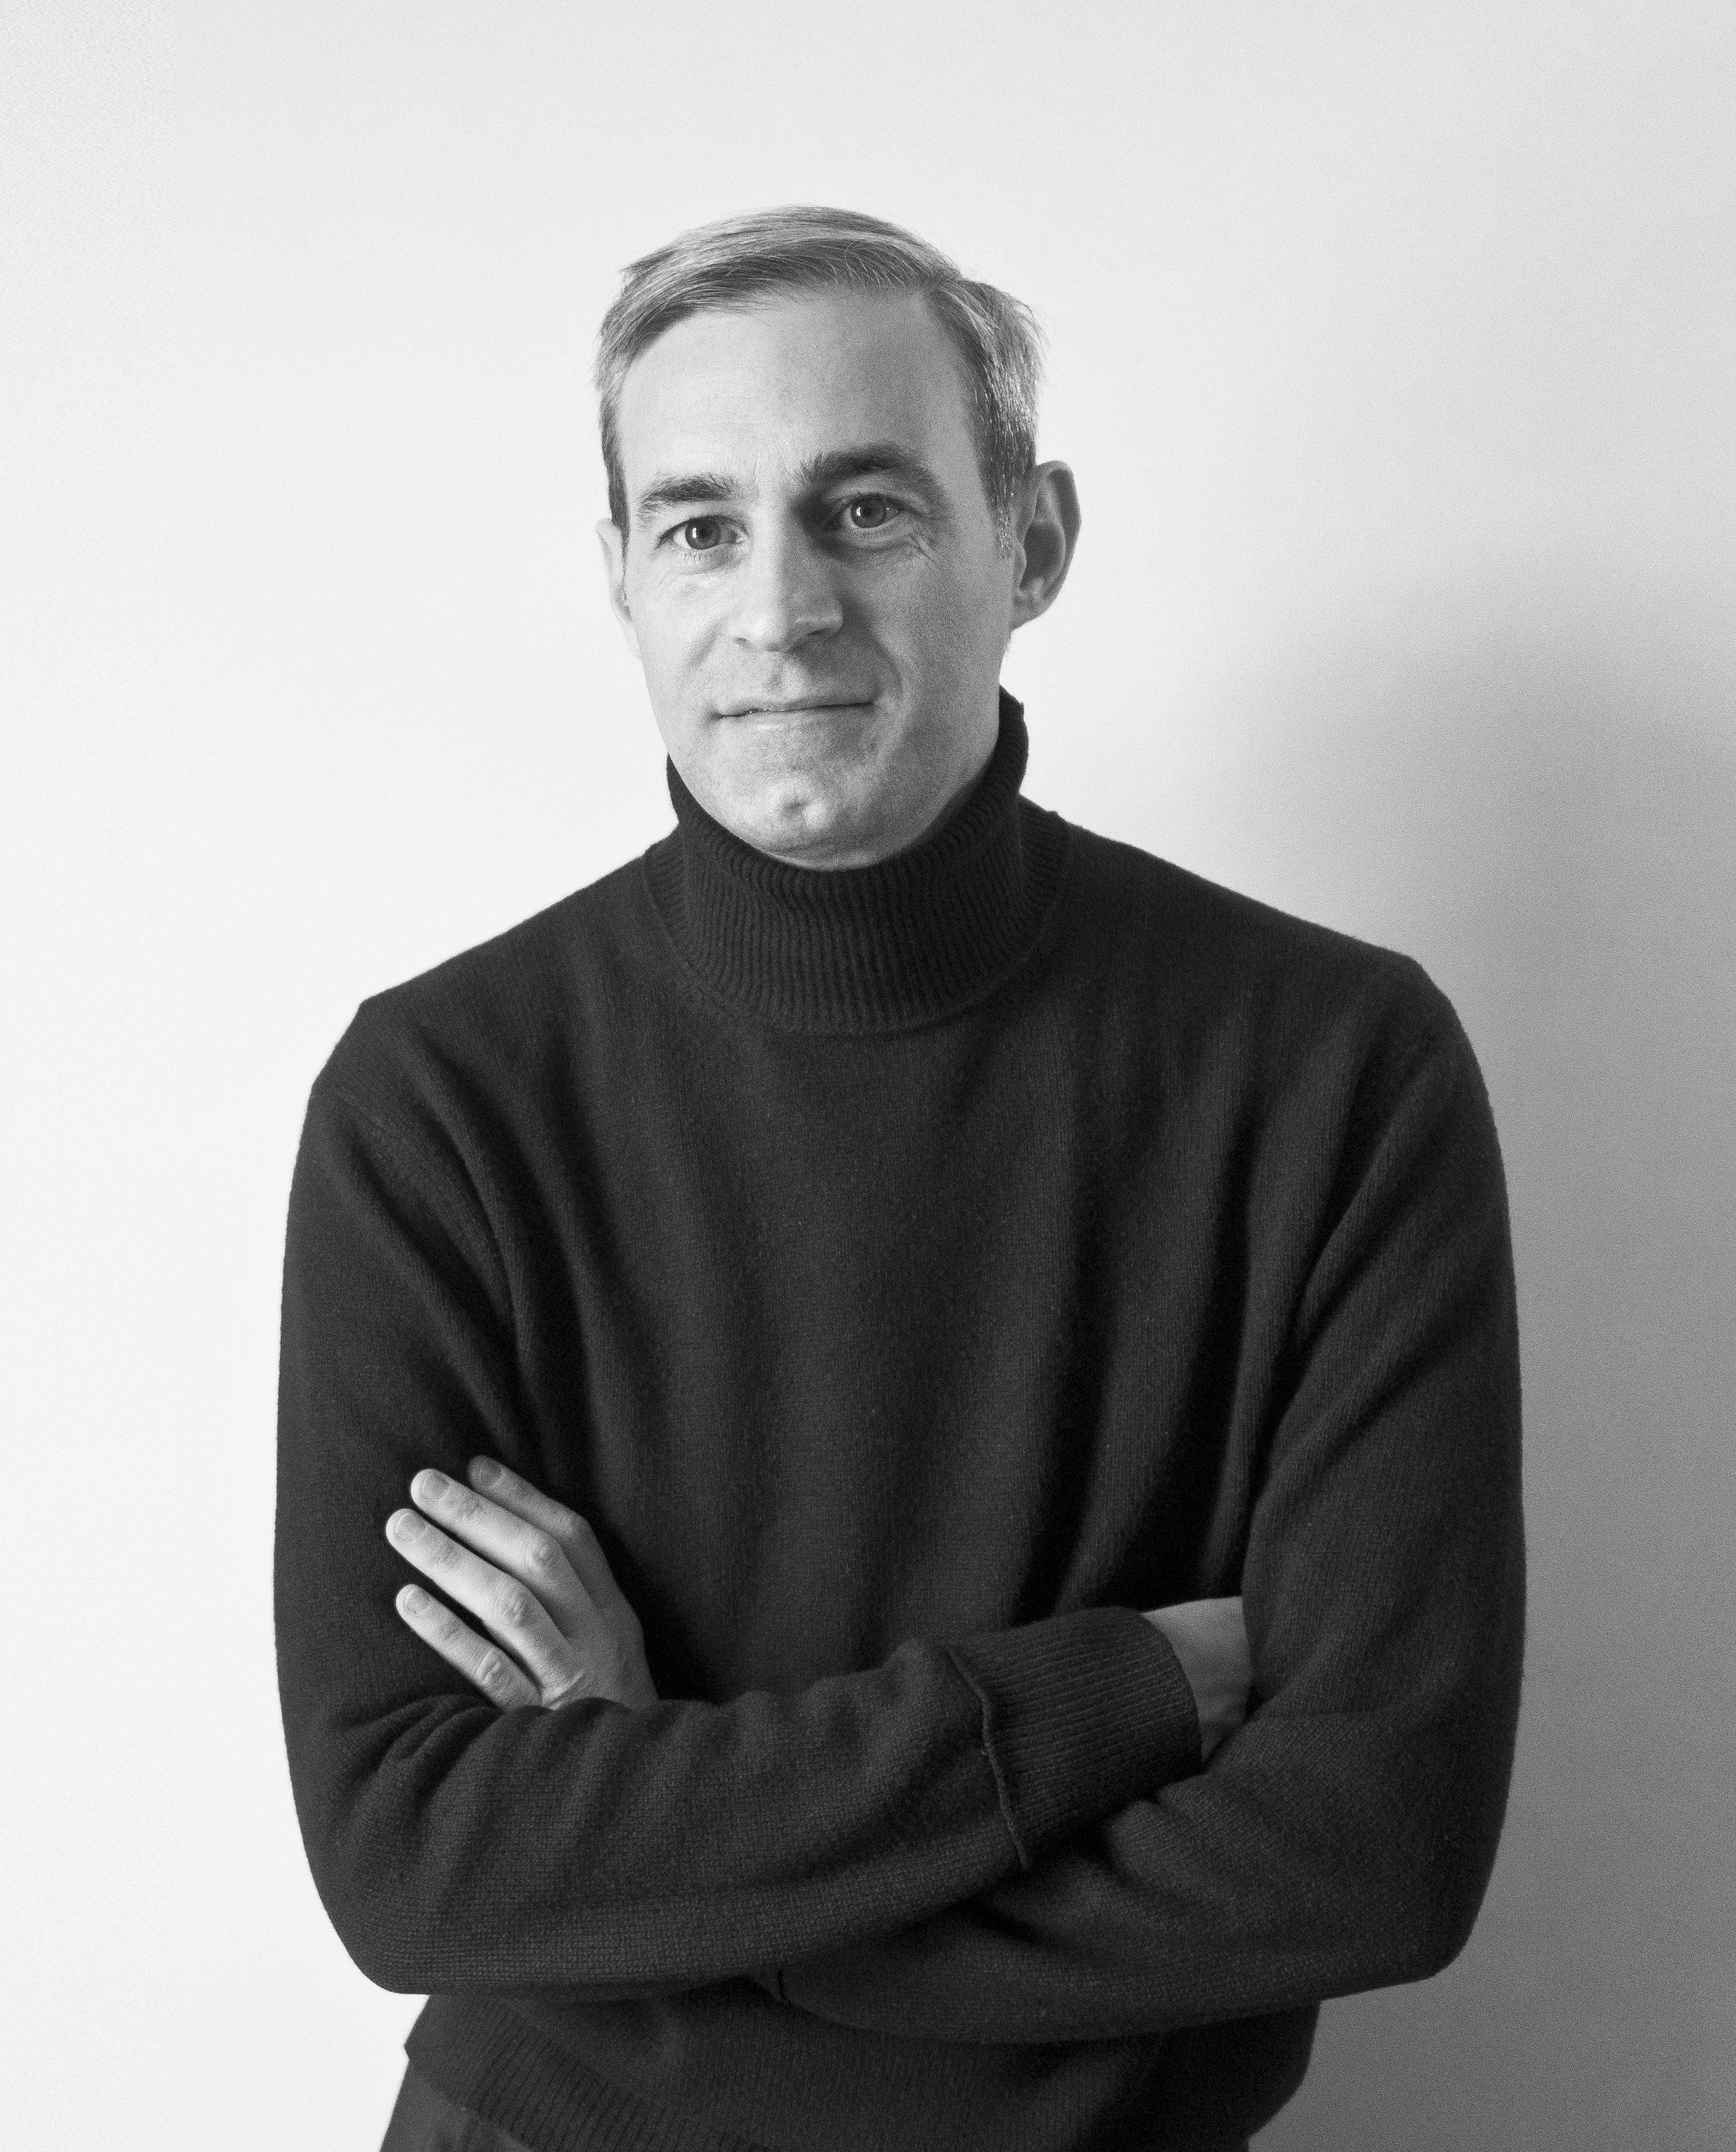 Maximiliano Nicolelli